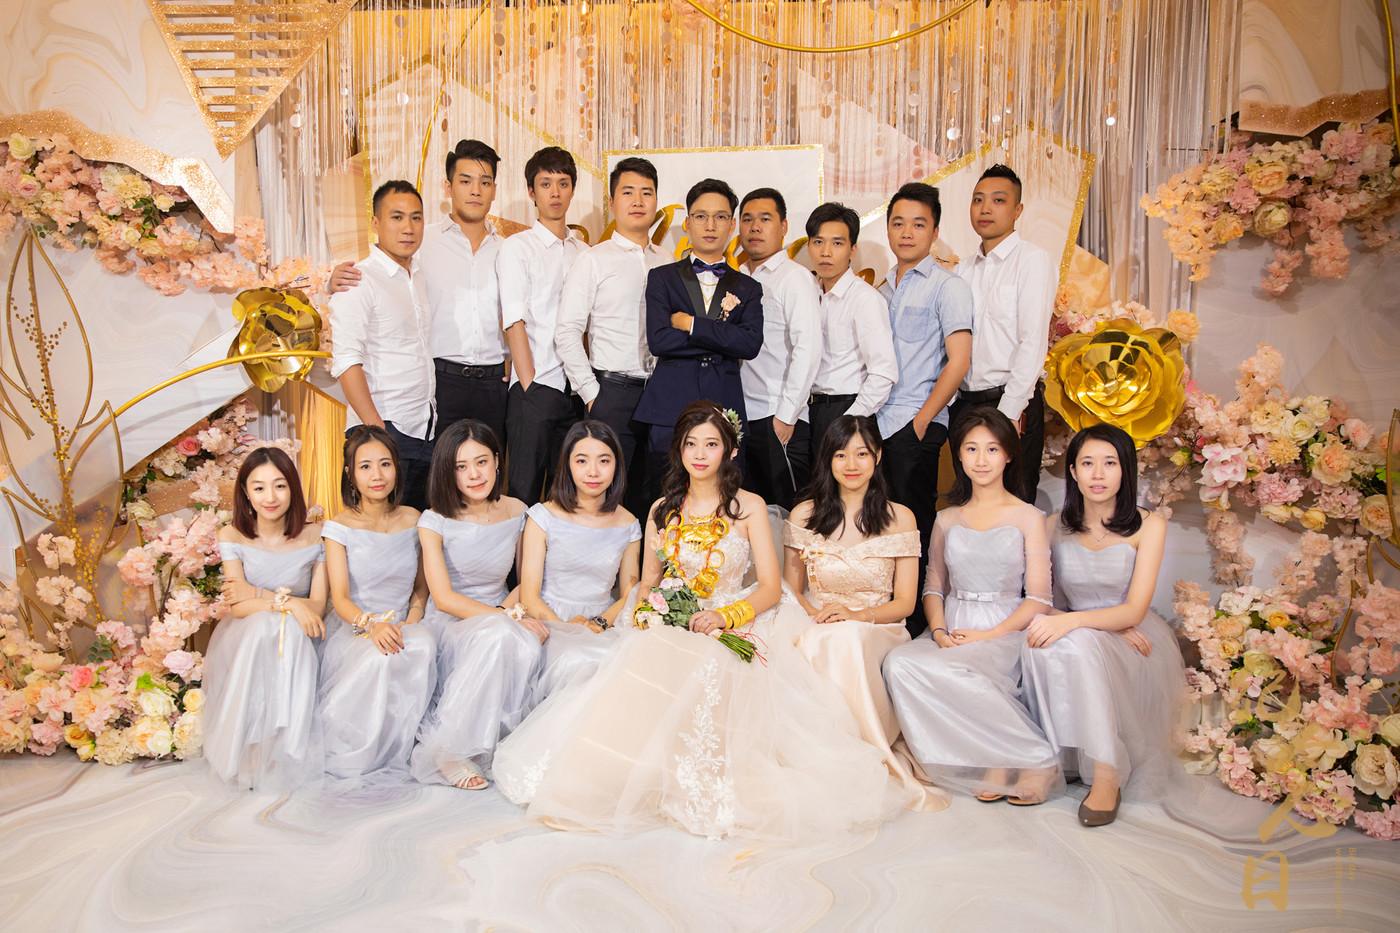 婚礼 | 志明&琳琳66